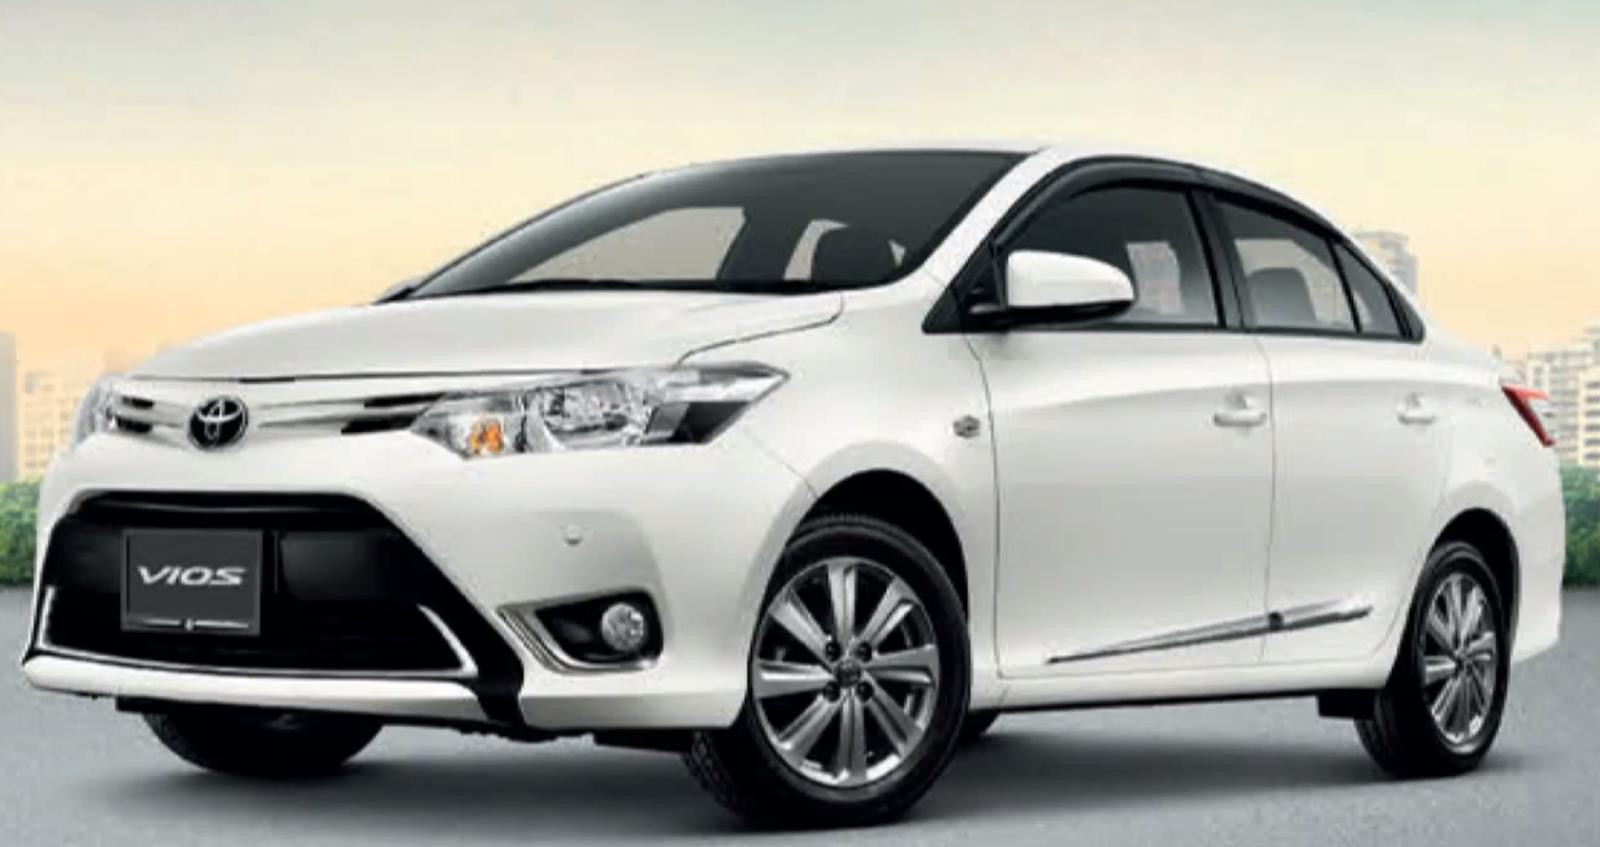 Tembak Kw 2015 Daftar Harga Toyota Vios Terbaru 2015